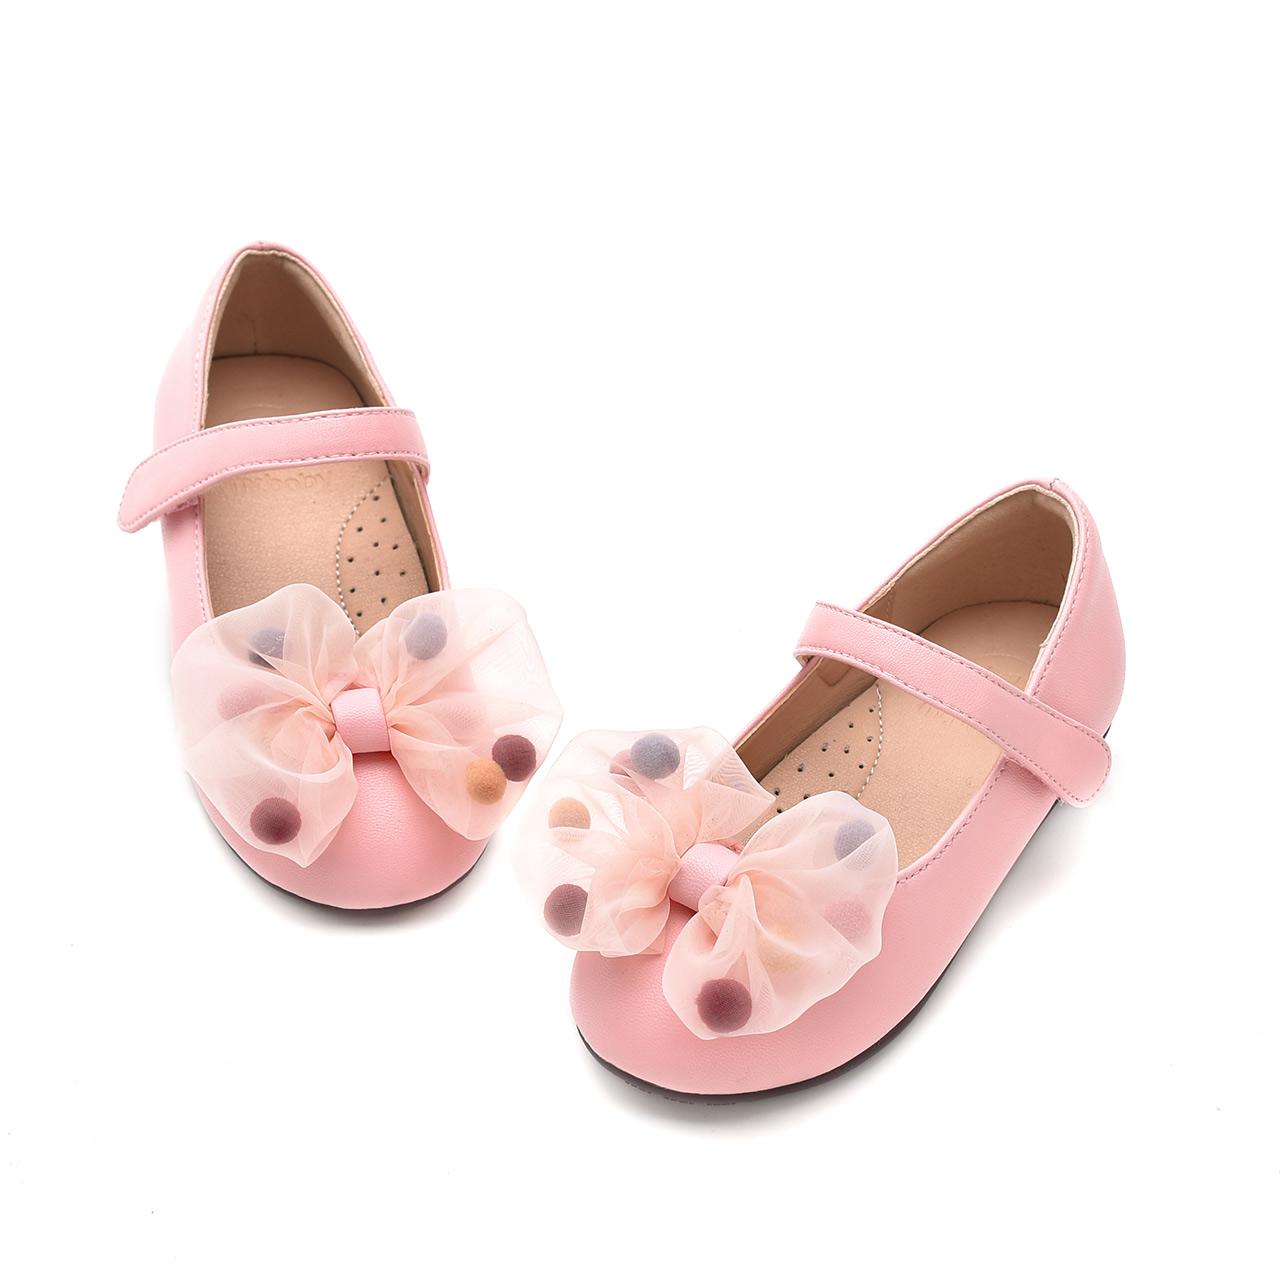 mrbaby原创童鞋2018春秋甜美蝴蝶结公主鞋时尚儿童鞋女童单鞋皮鞋